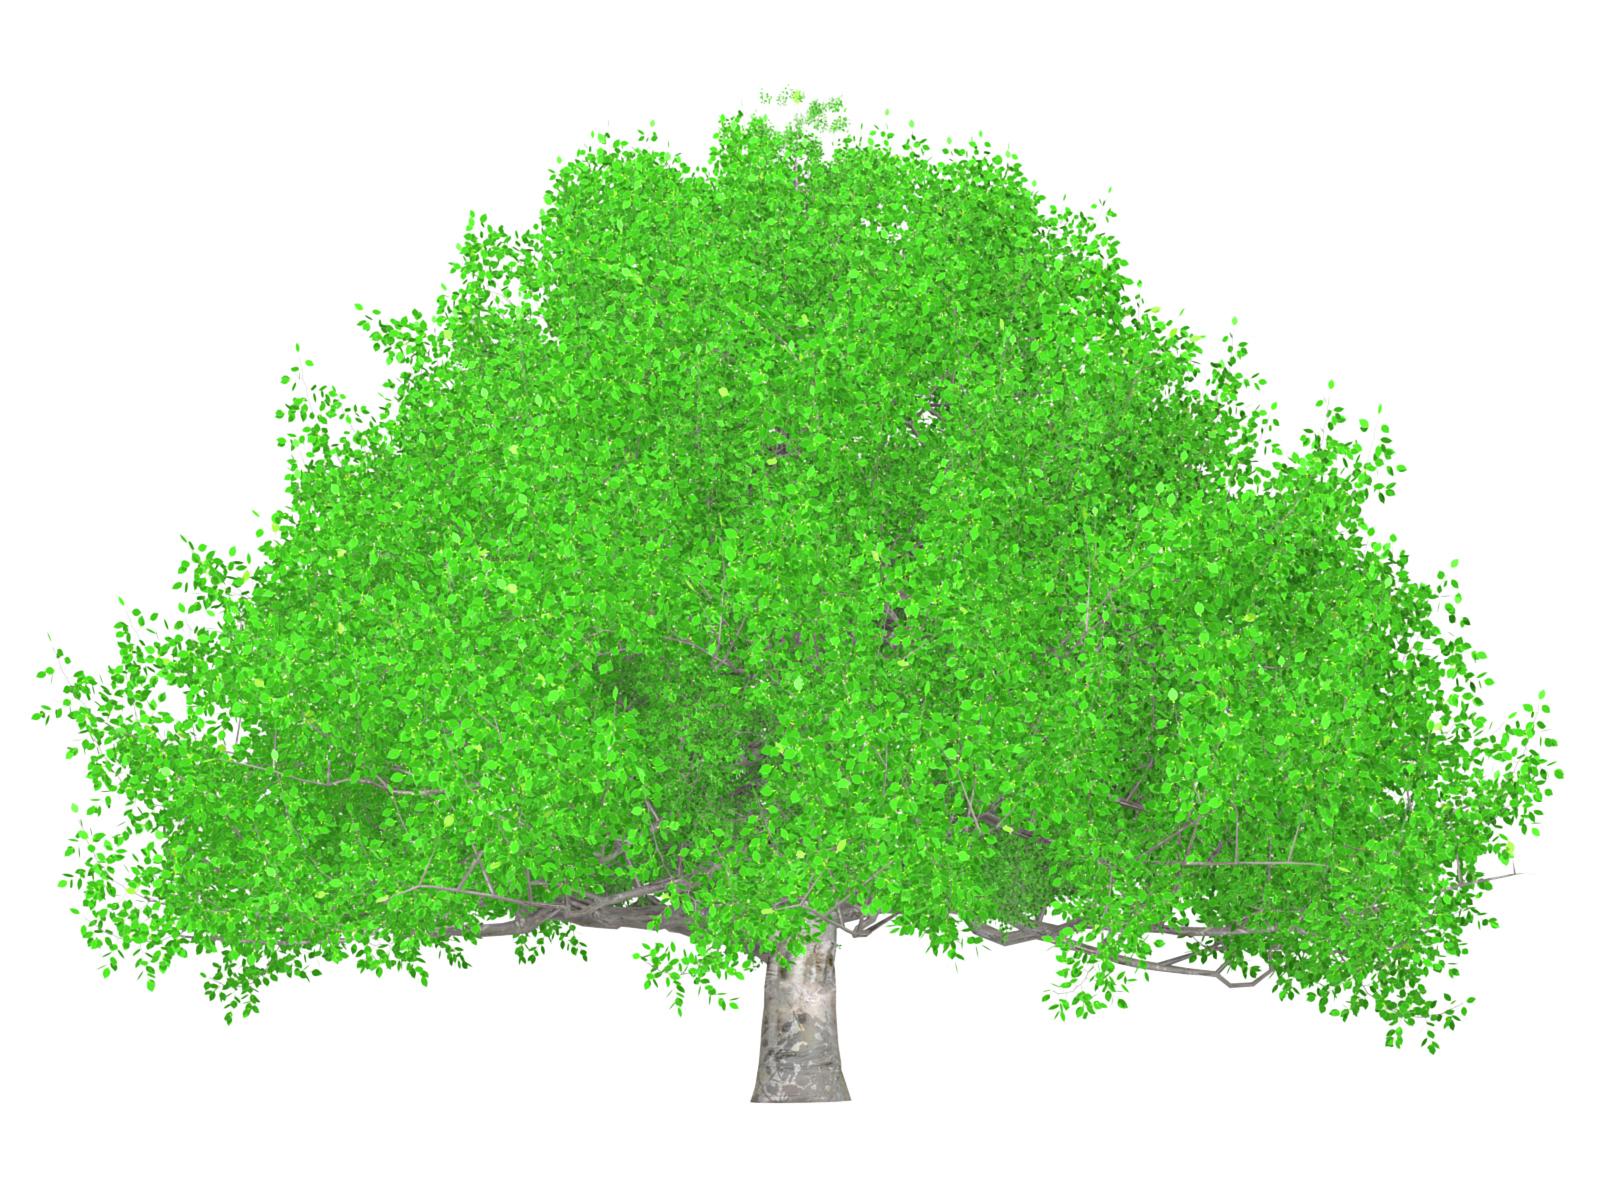 ば 大樹 の 寄ら